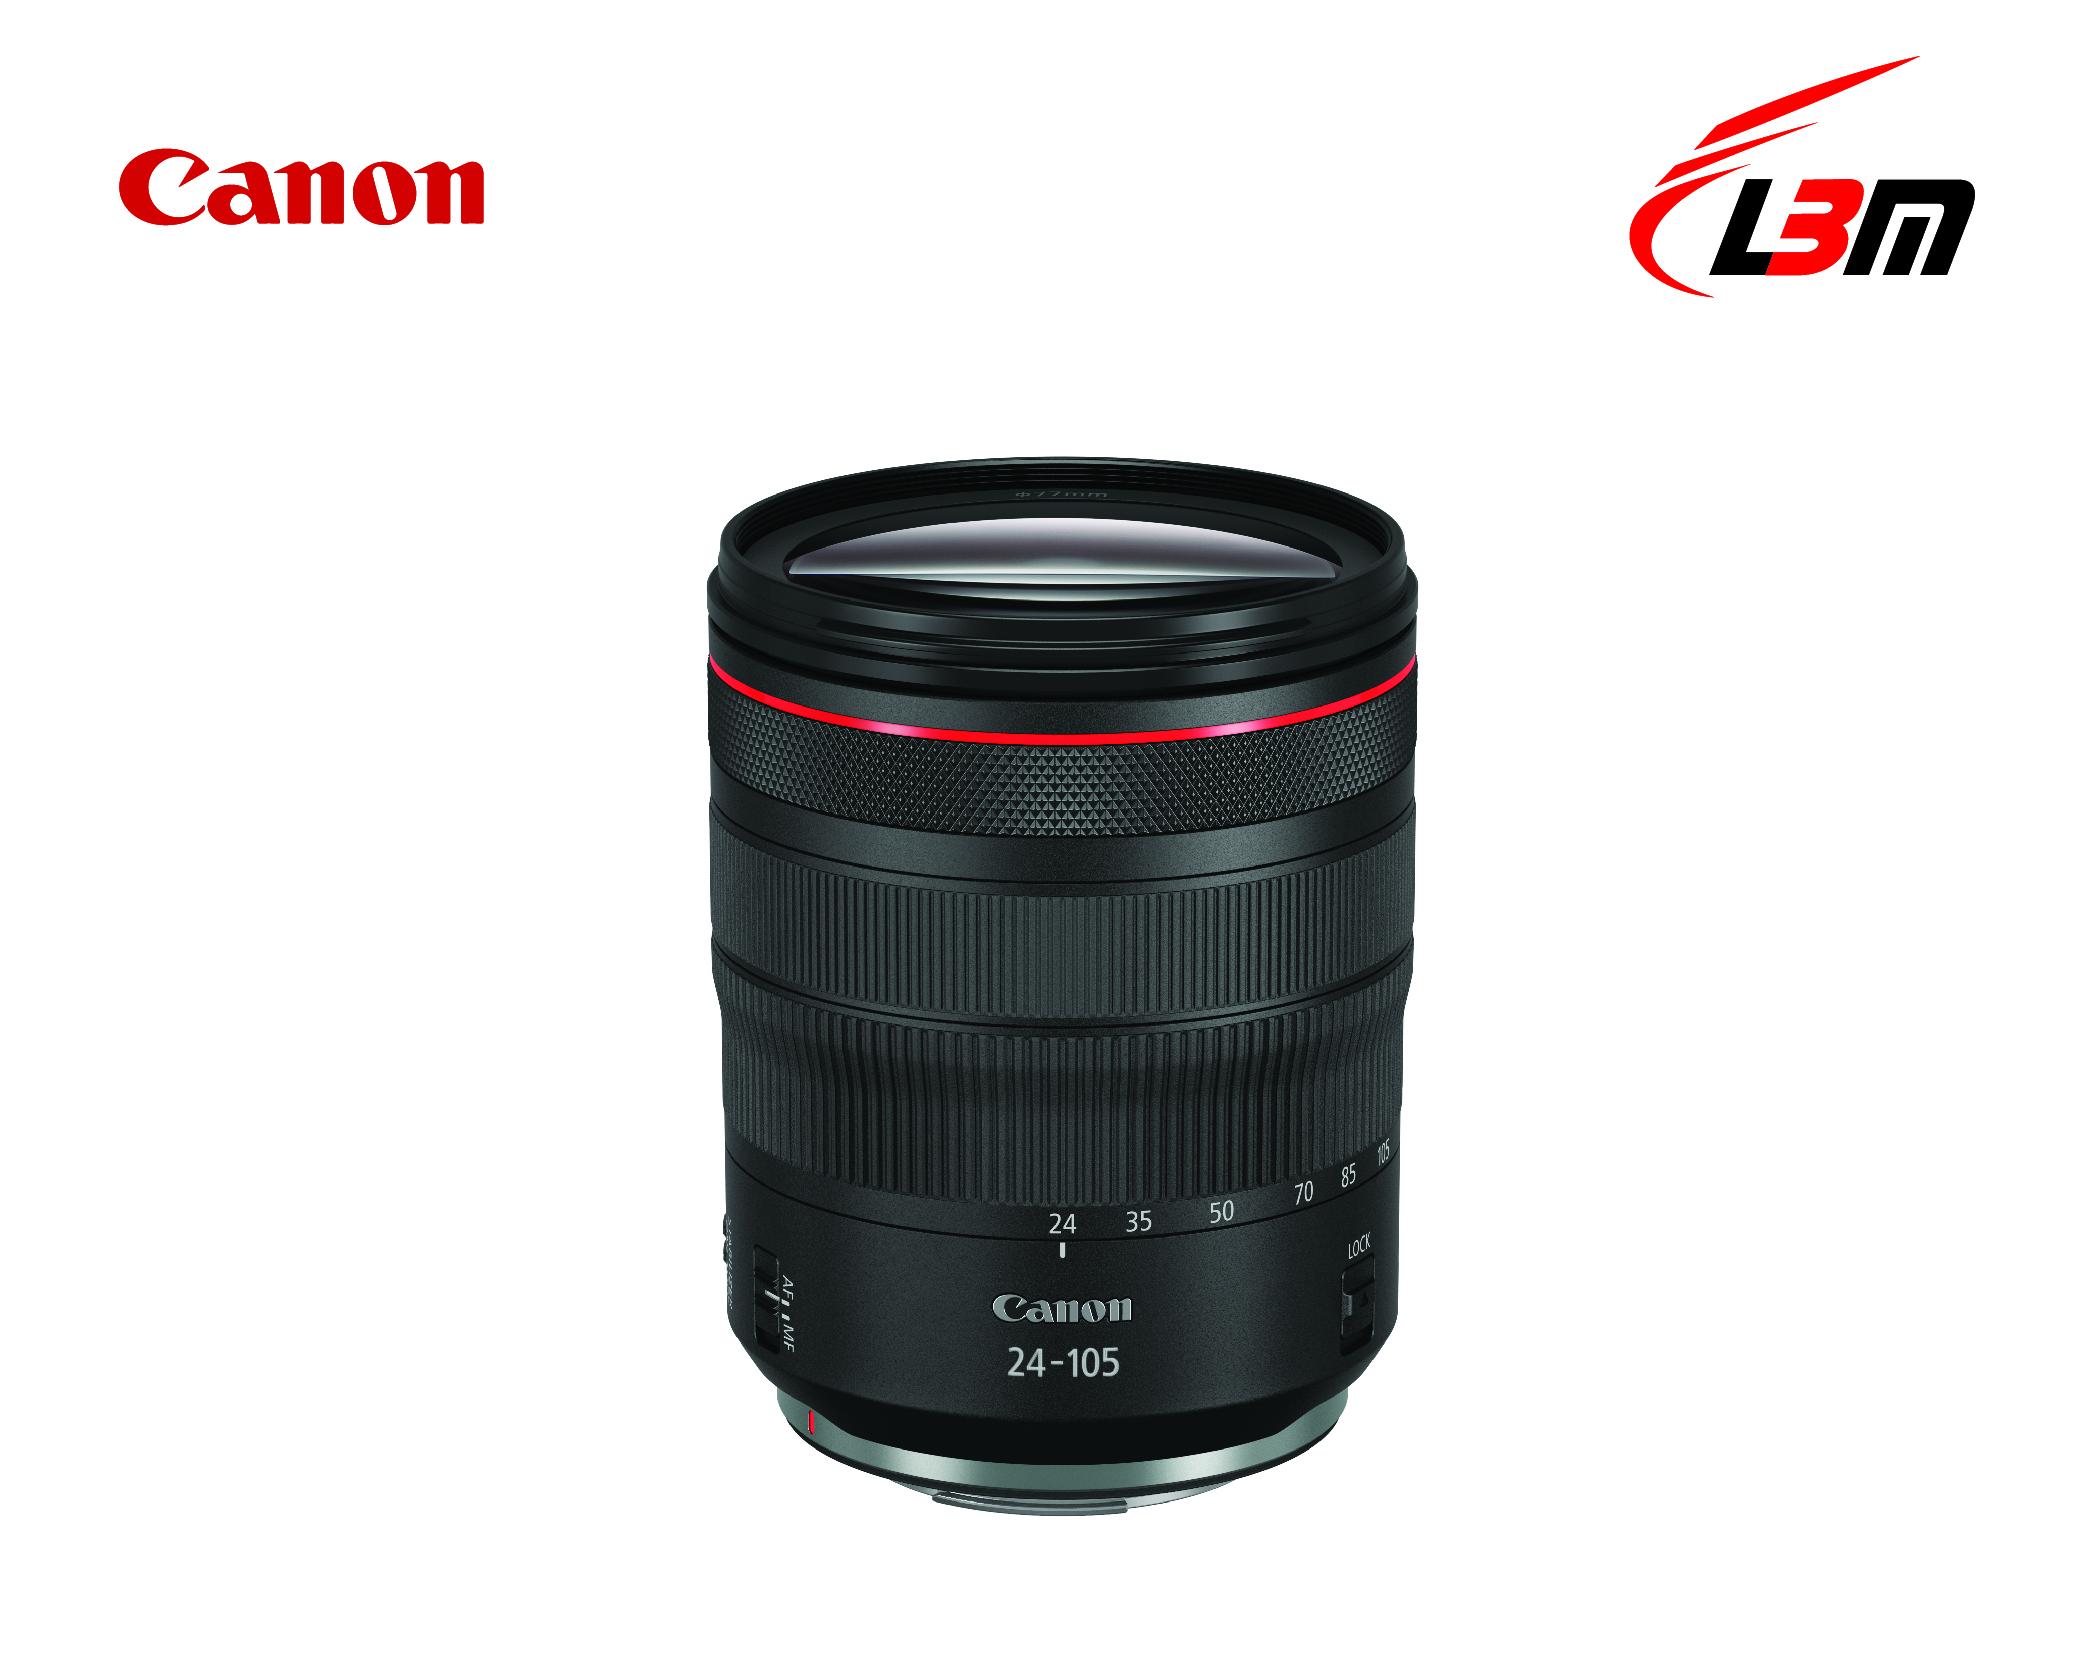 Ống kính Canon RF24-105mm f/4L IS USM - Hàng Chính Hãng